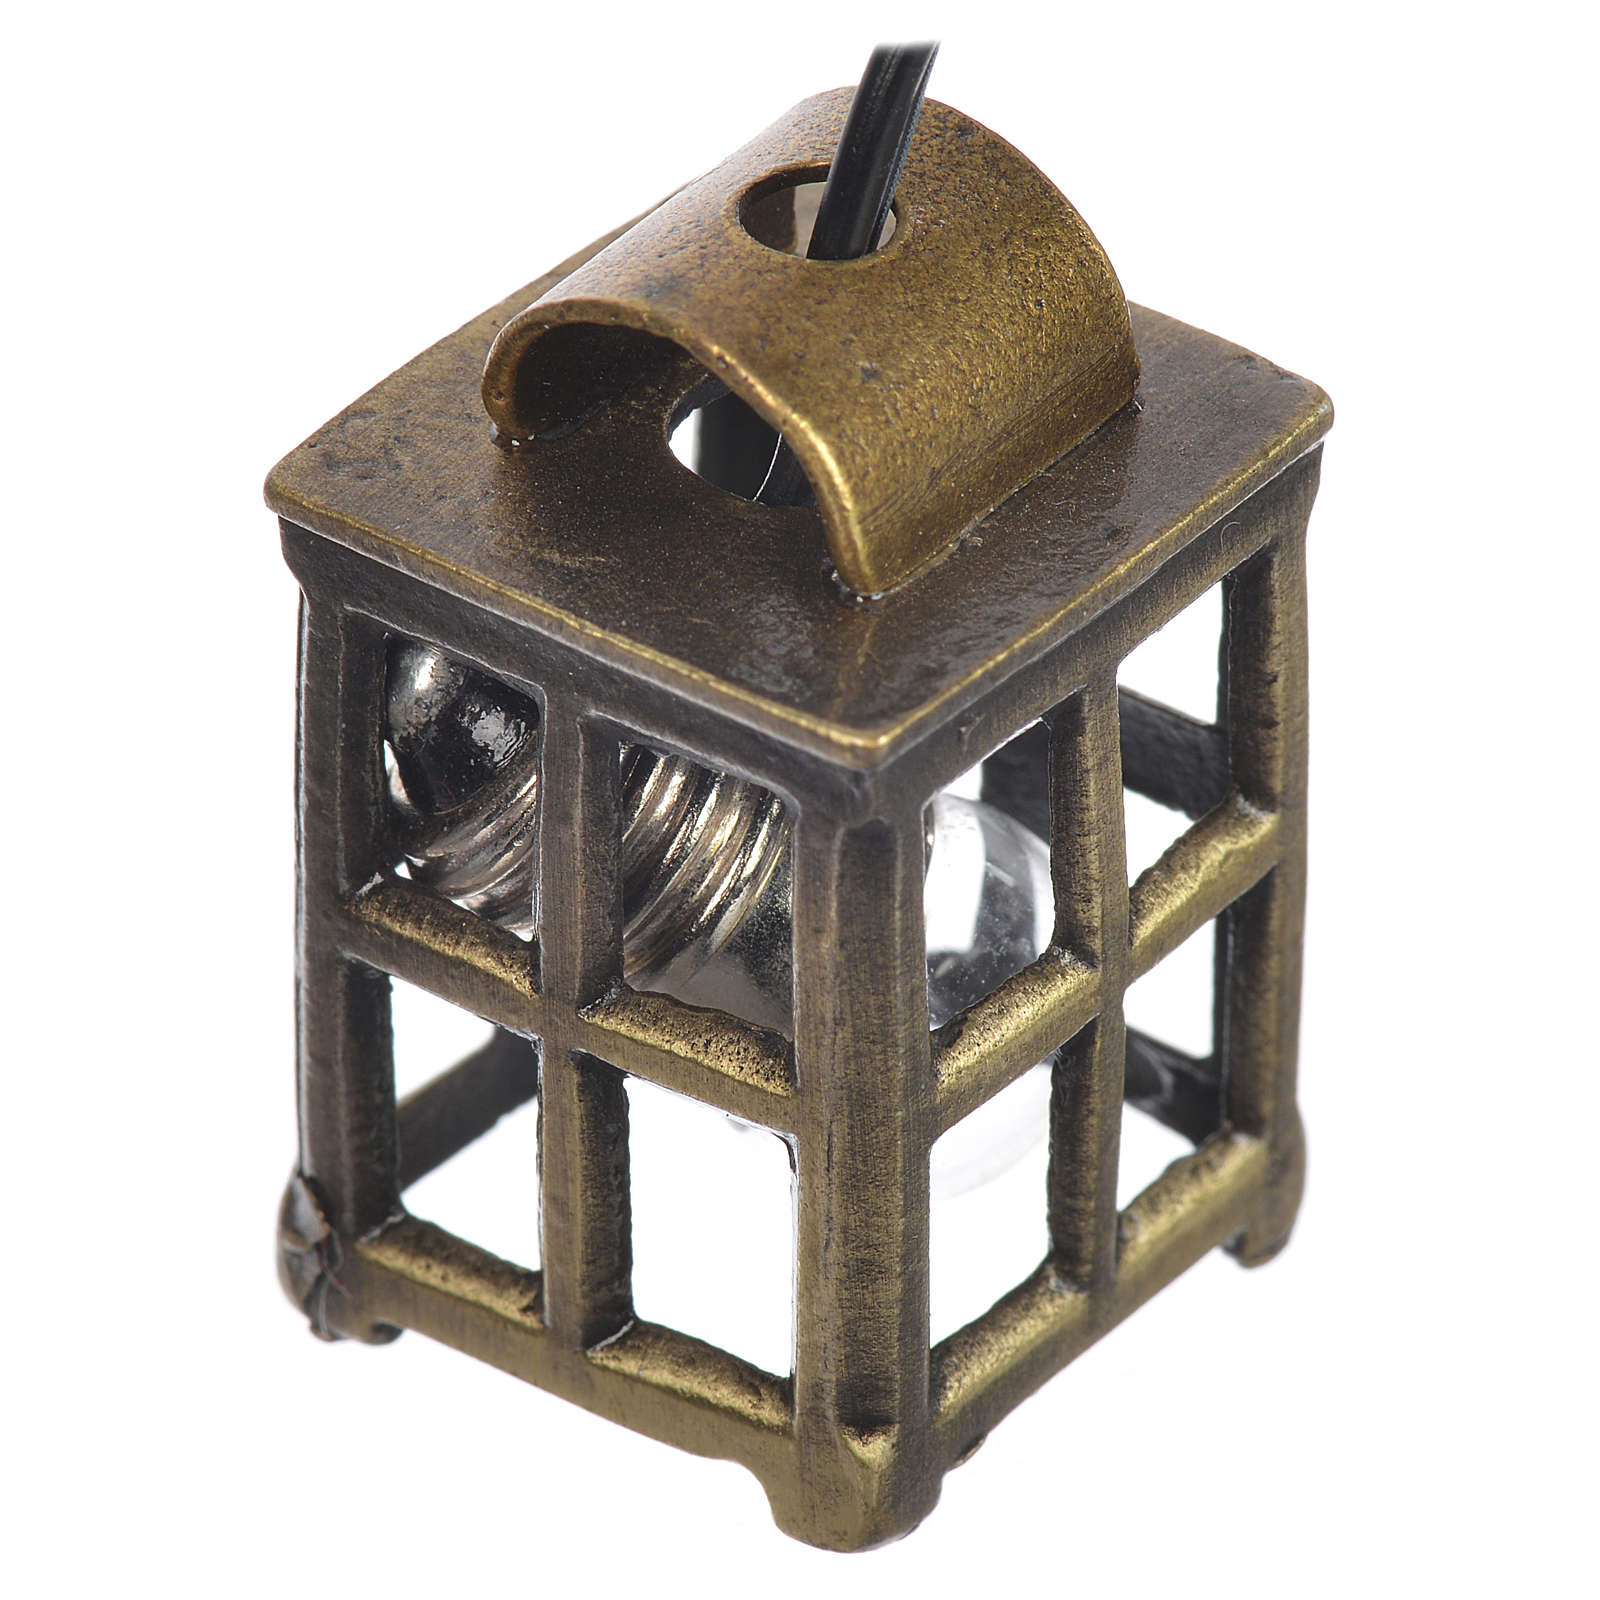 Farola metal belén cm 2,1x2,1x3,4 con luz 3,5v 4